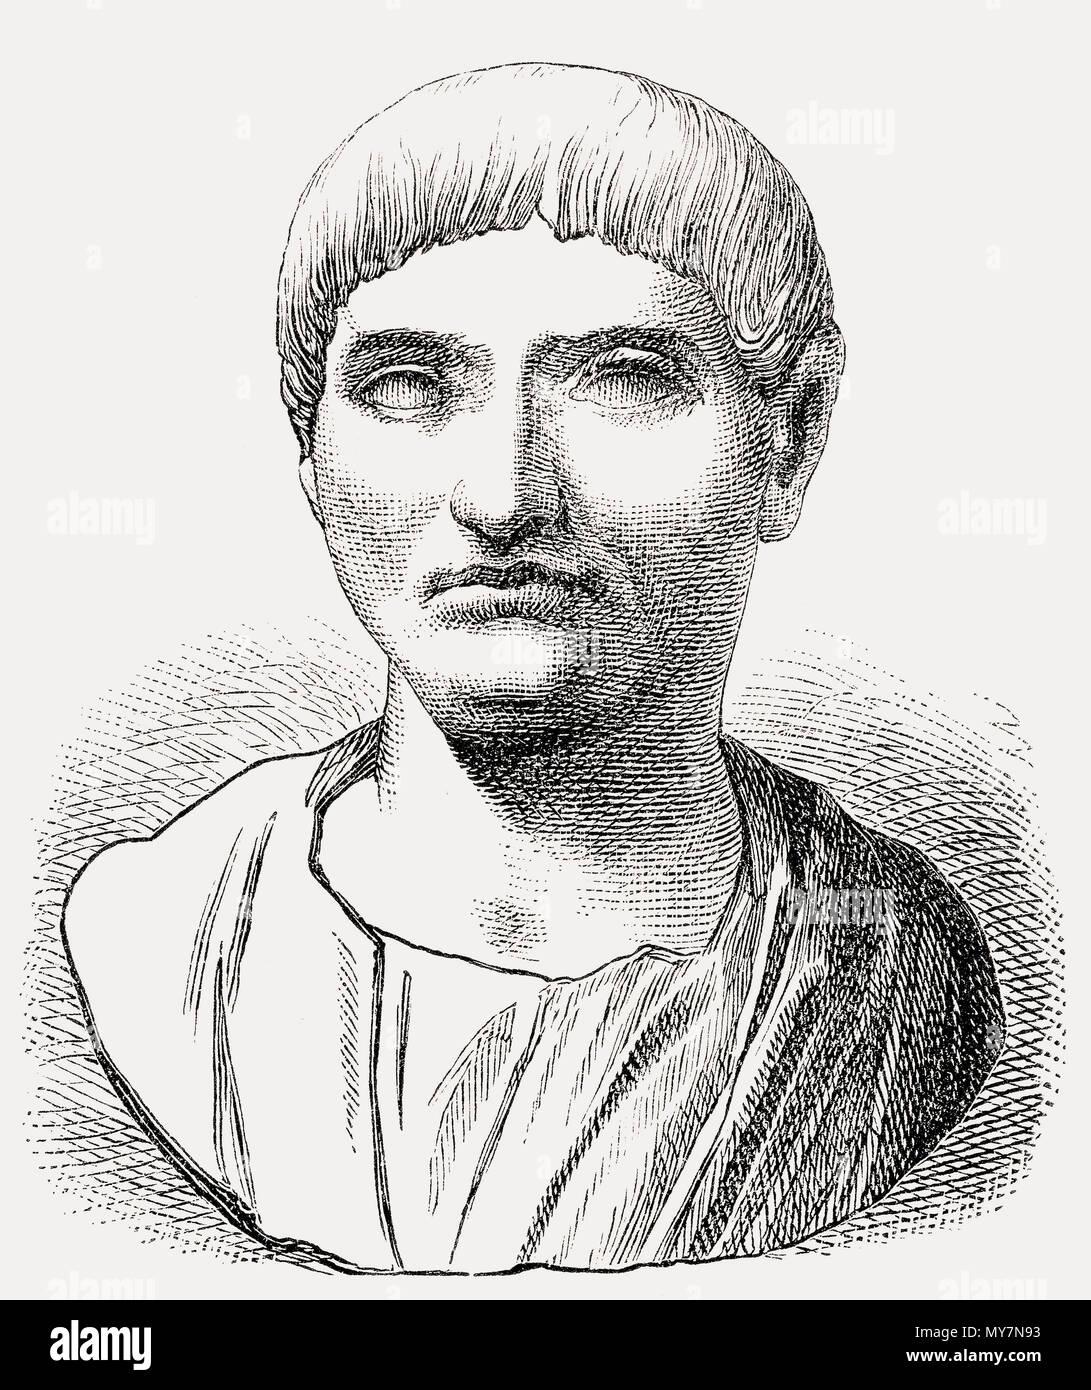 Gaius Sallustius Crispus, or Sallust, 86 – c. 35 BC, a Roman historian, politician - Stock Image